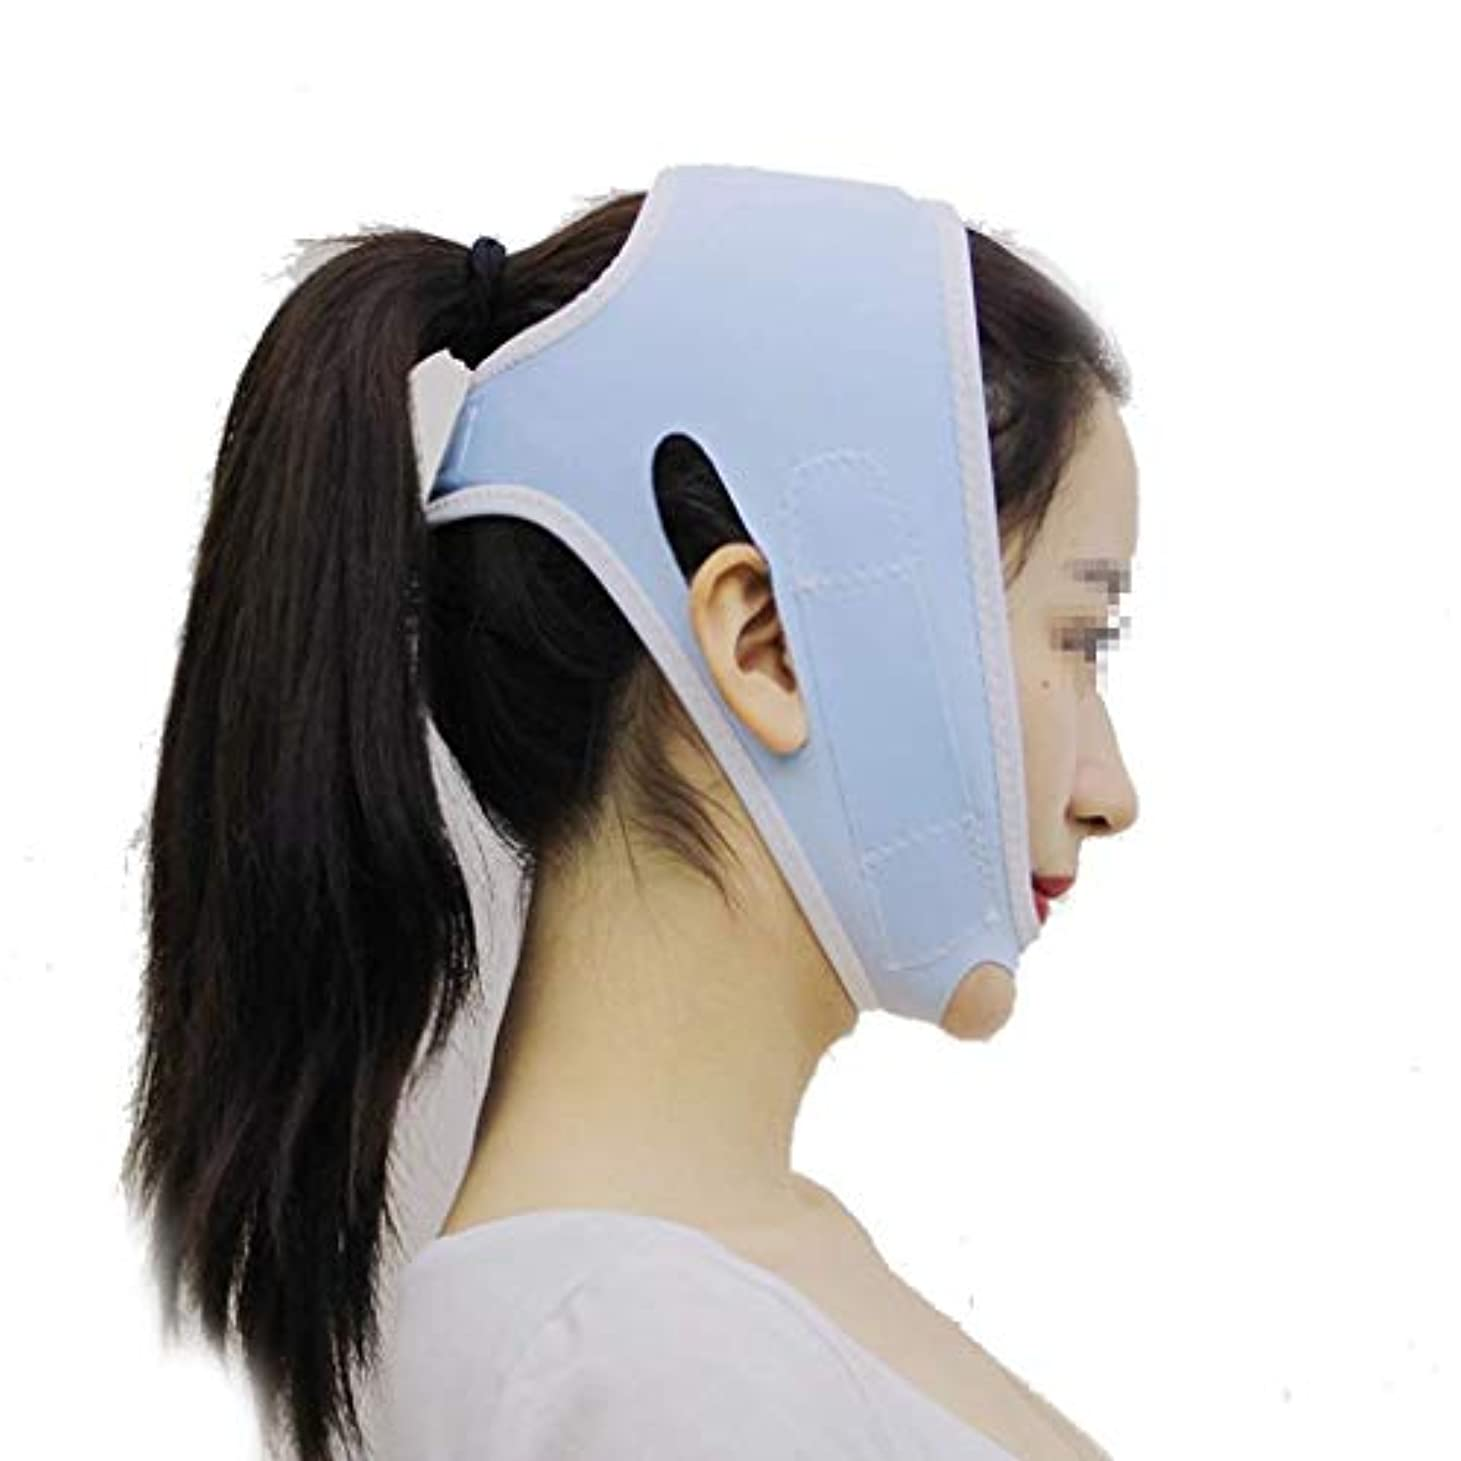 シャンプーガラガラ暗殺するHUYYA フェイスリフティング包帯、女性の顔を持ち上げるベルト しわ防止包帯 Vライン頬 二重あごの減量顔,Blue_Large